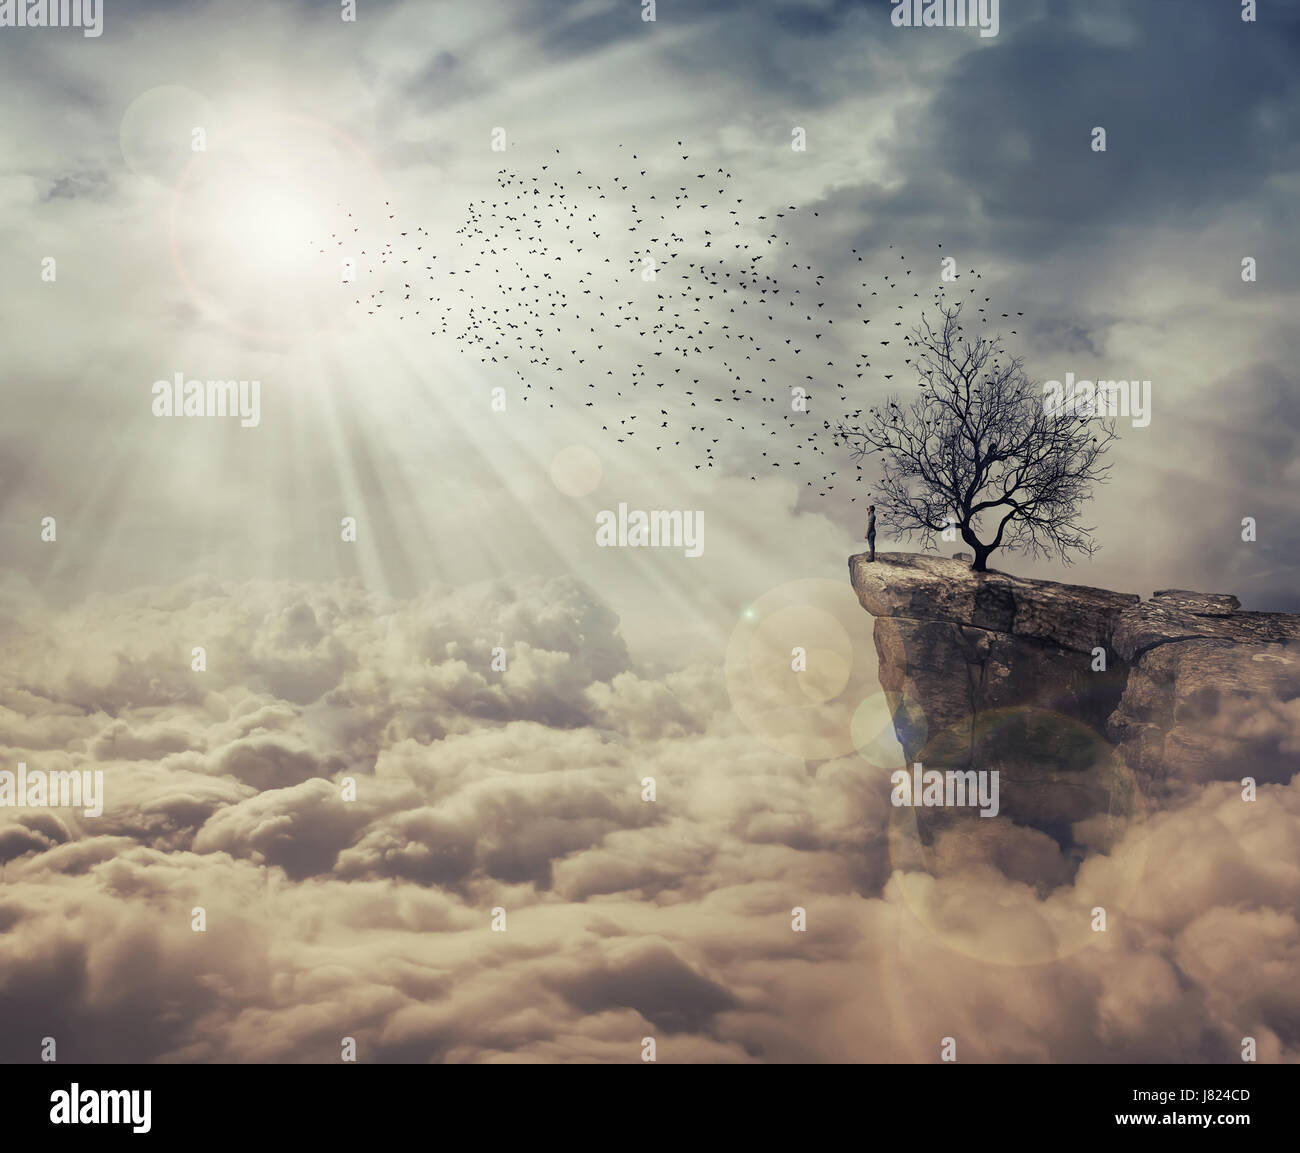 Joven parado en la cima de un acantilado sobre las nubes viendo en una bandada de pájaros que vuelan desde Imagen De Stock